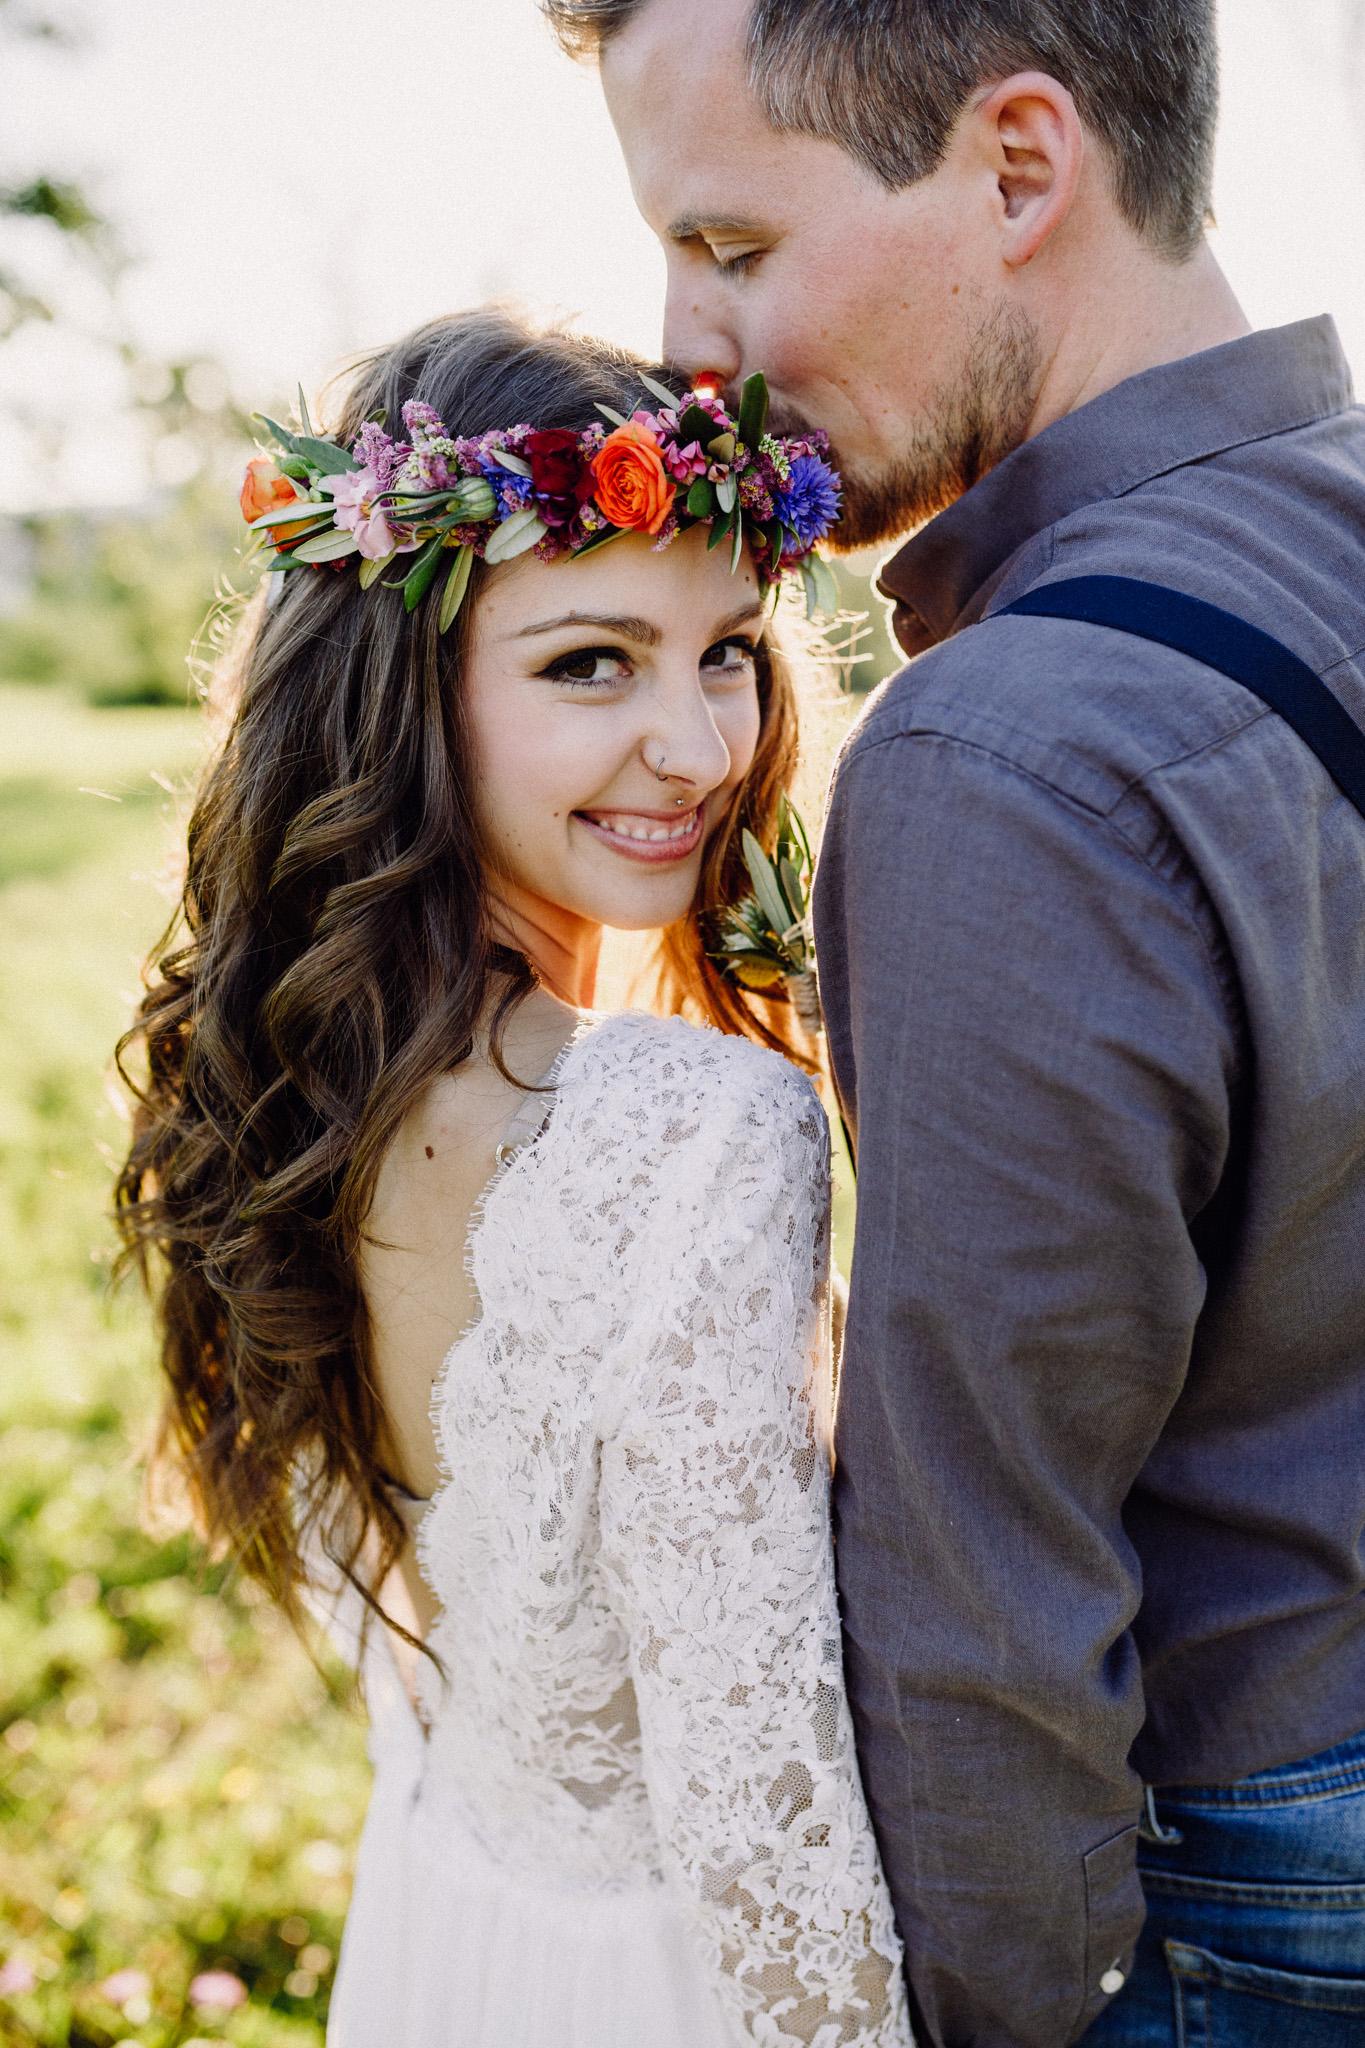 Hippie_Boho_Wedding_Hochzeit_Hochzeitsfotograf_Stuttgart_me_him_photography-klein-456